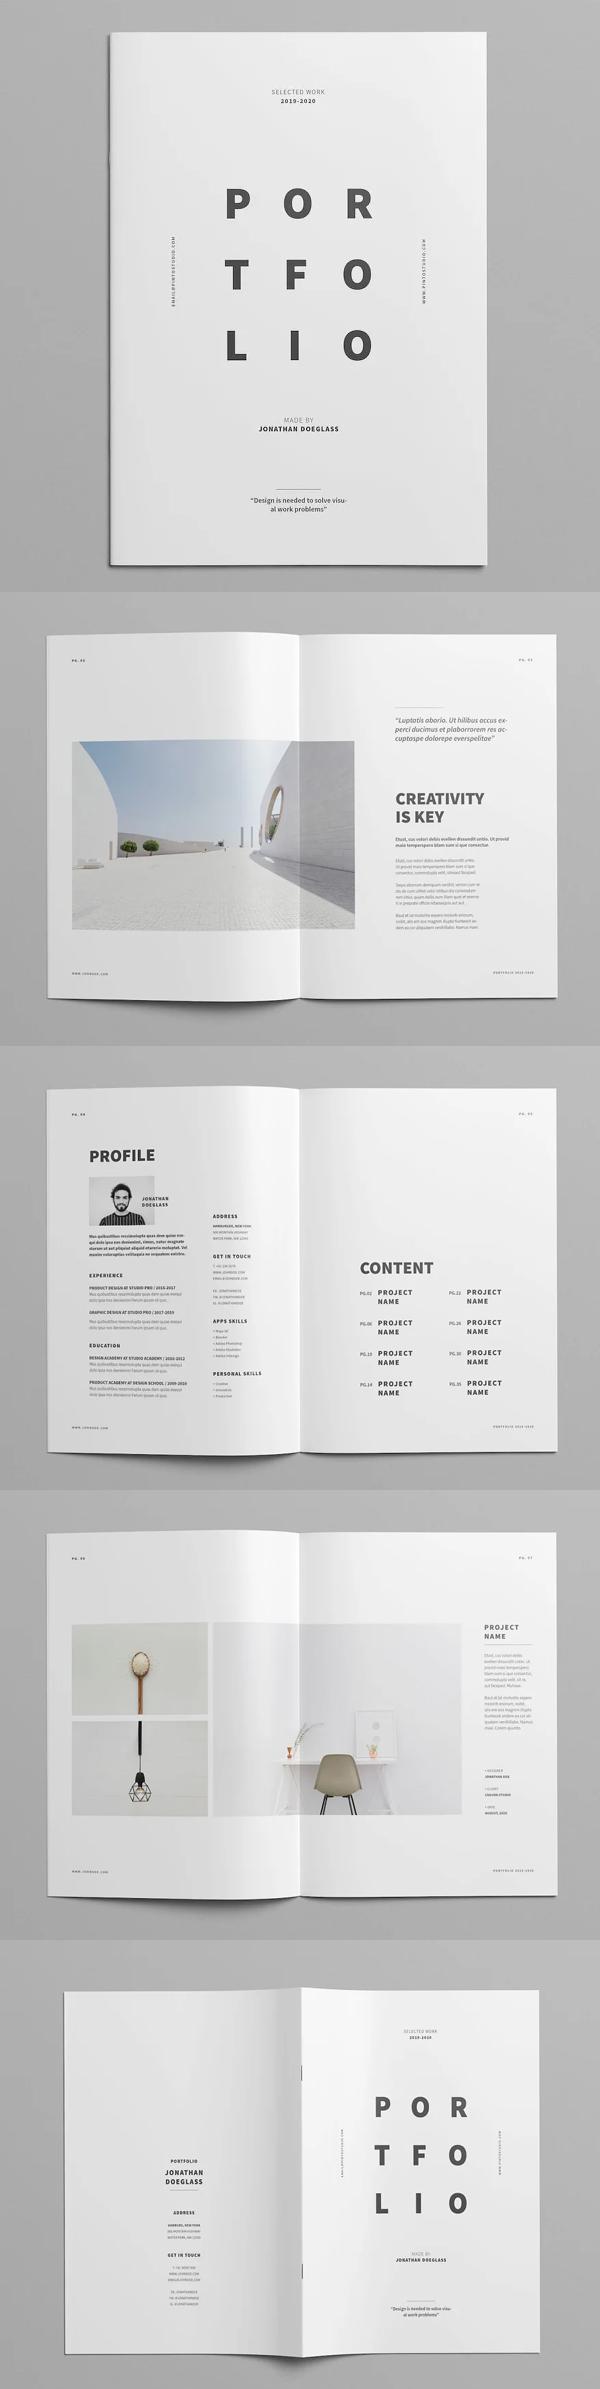 Minimal Portfolio Design Template